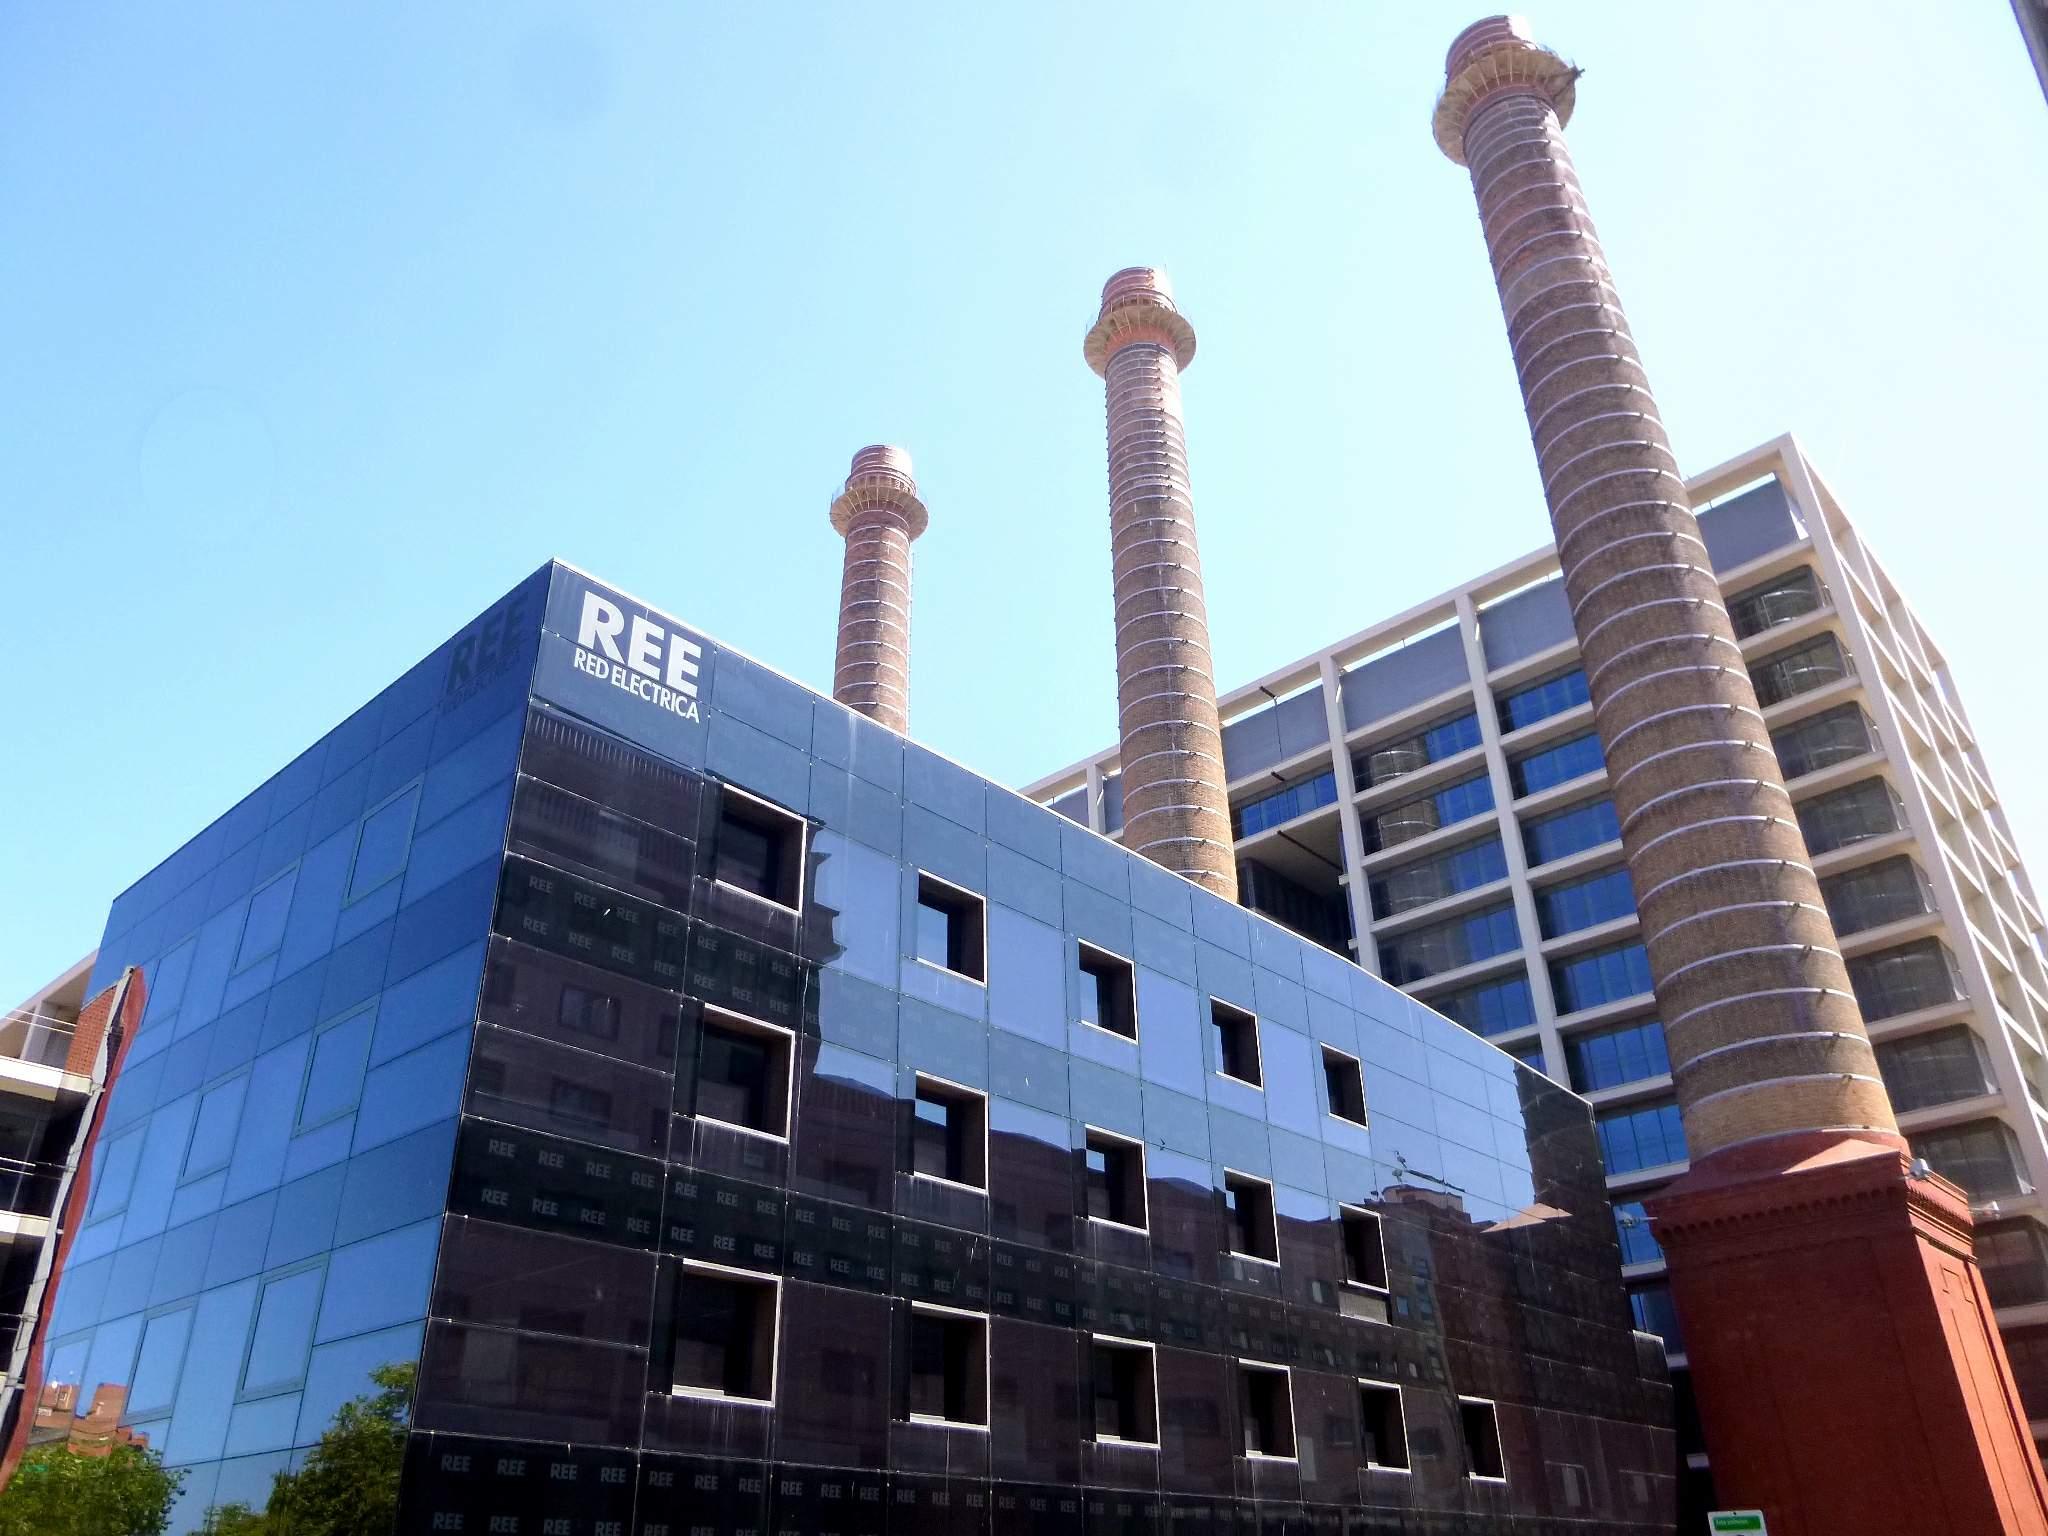 file barcelona edificio de fecsa endesa y red el ctrica